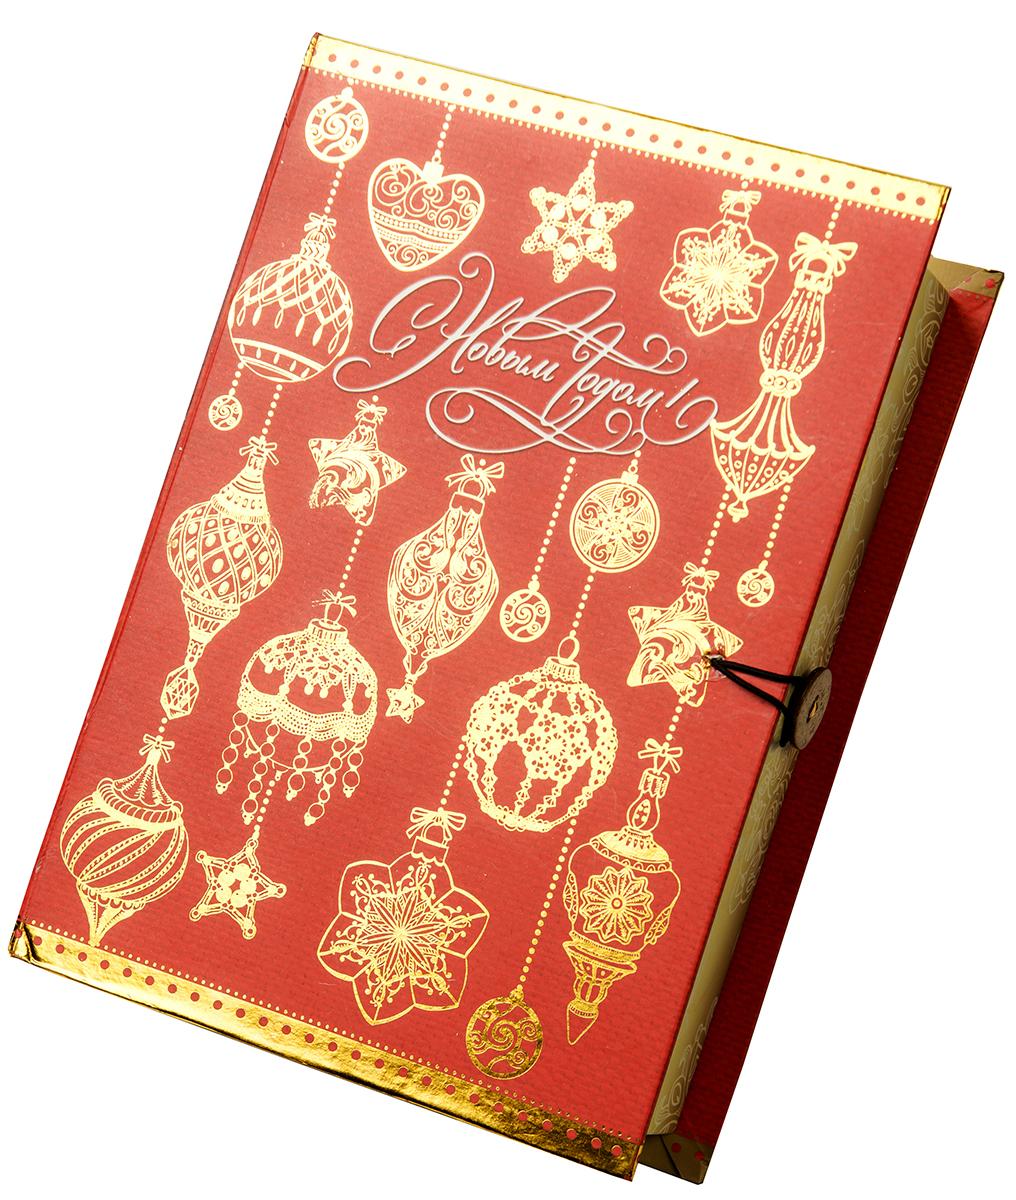 Коробка подарочная Magic Time Золото на красном, размер S. 7503075030Подарочная коробка Magic Time, выполненная из мелованного, ламинированного картона, закрывается на пуговицу. Крышка оформлена декоративным рисунком.Подарочная коробка - это наилучшее решение, если вы хотите порадовать ваших близких и создать праздничное настроение, ведь подарок, преподнесенный в оригинальной упаковке, всегда будет самым эффектным и запоминающимся. Окружите близких людей вниманием и заботой, вручив презент в нарядном, праздничном оформлении.Плотность картона: 1100 г/м2.